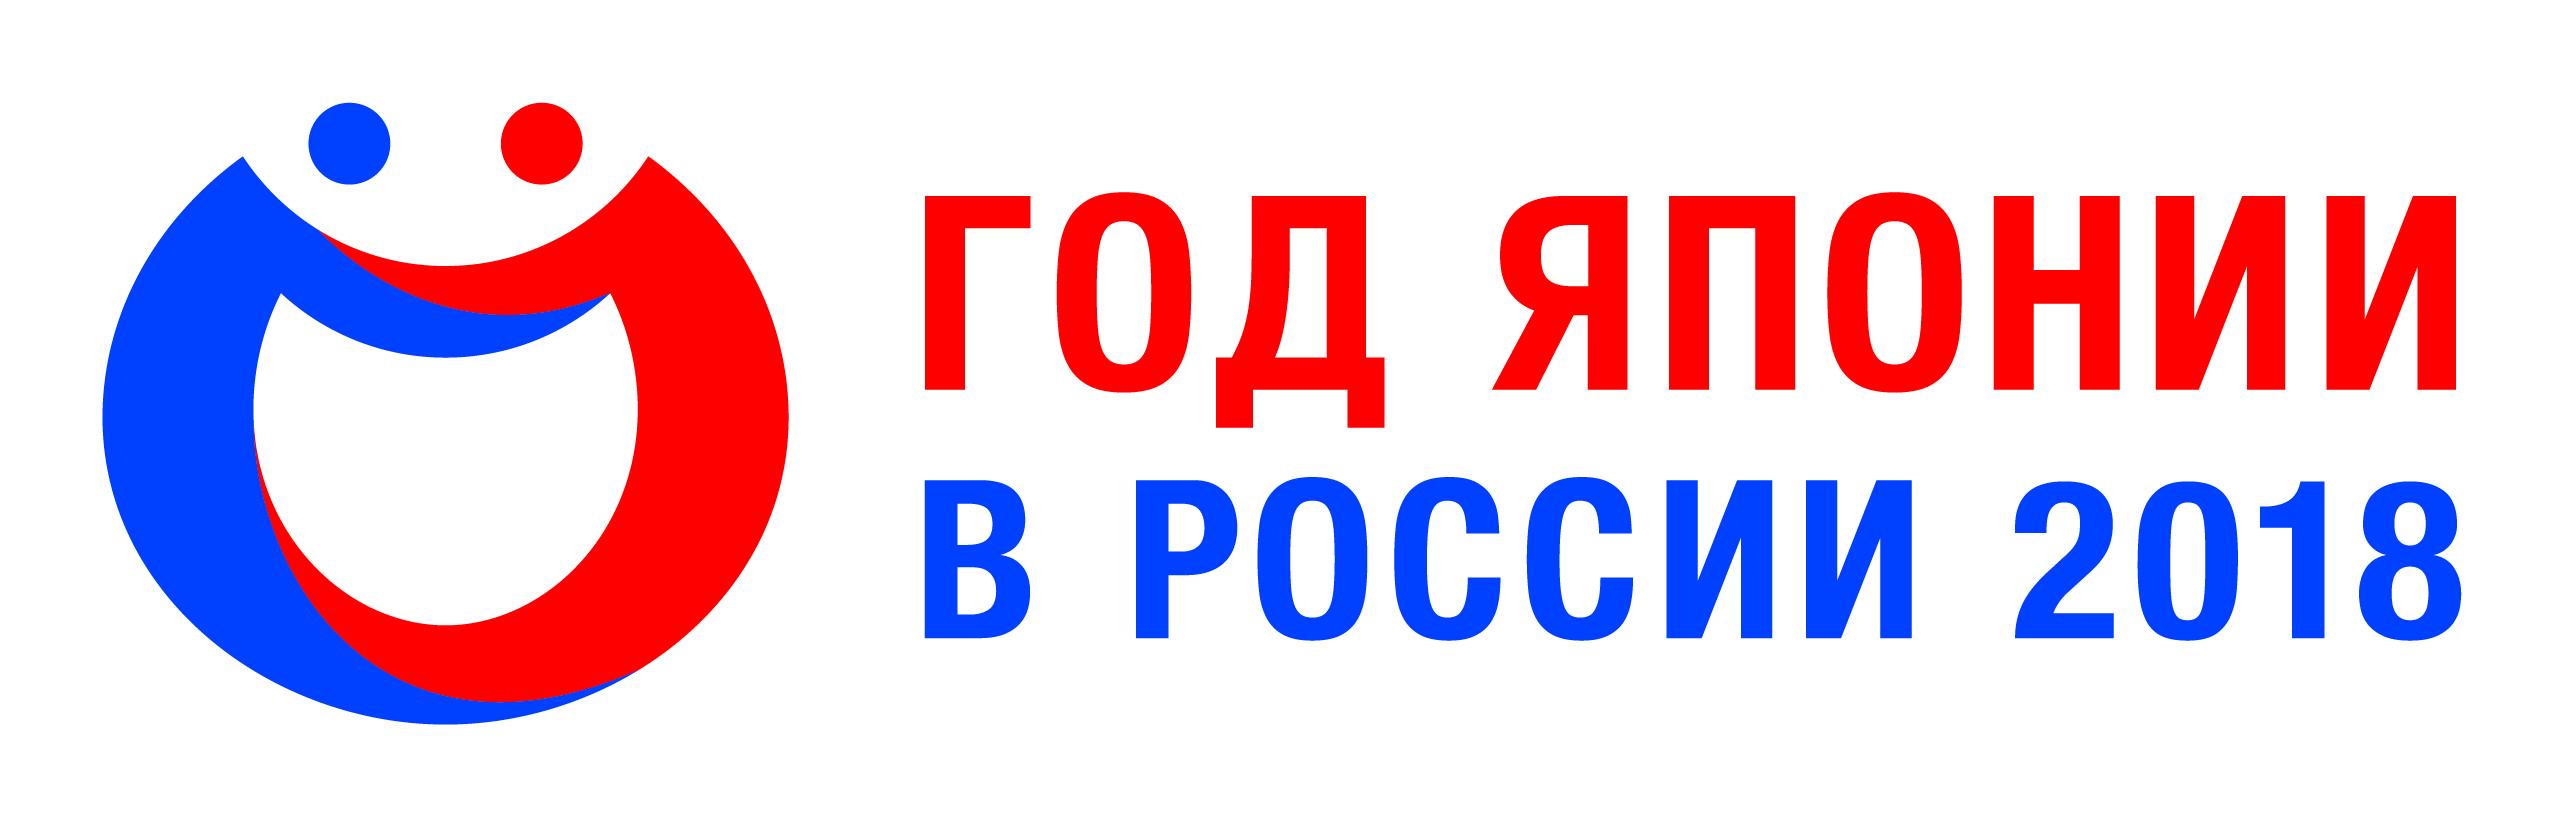 Театр Волки Мибу в программе года Японии в России